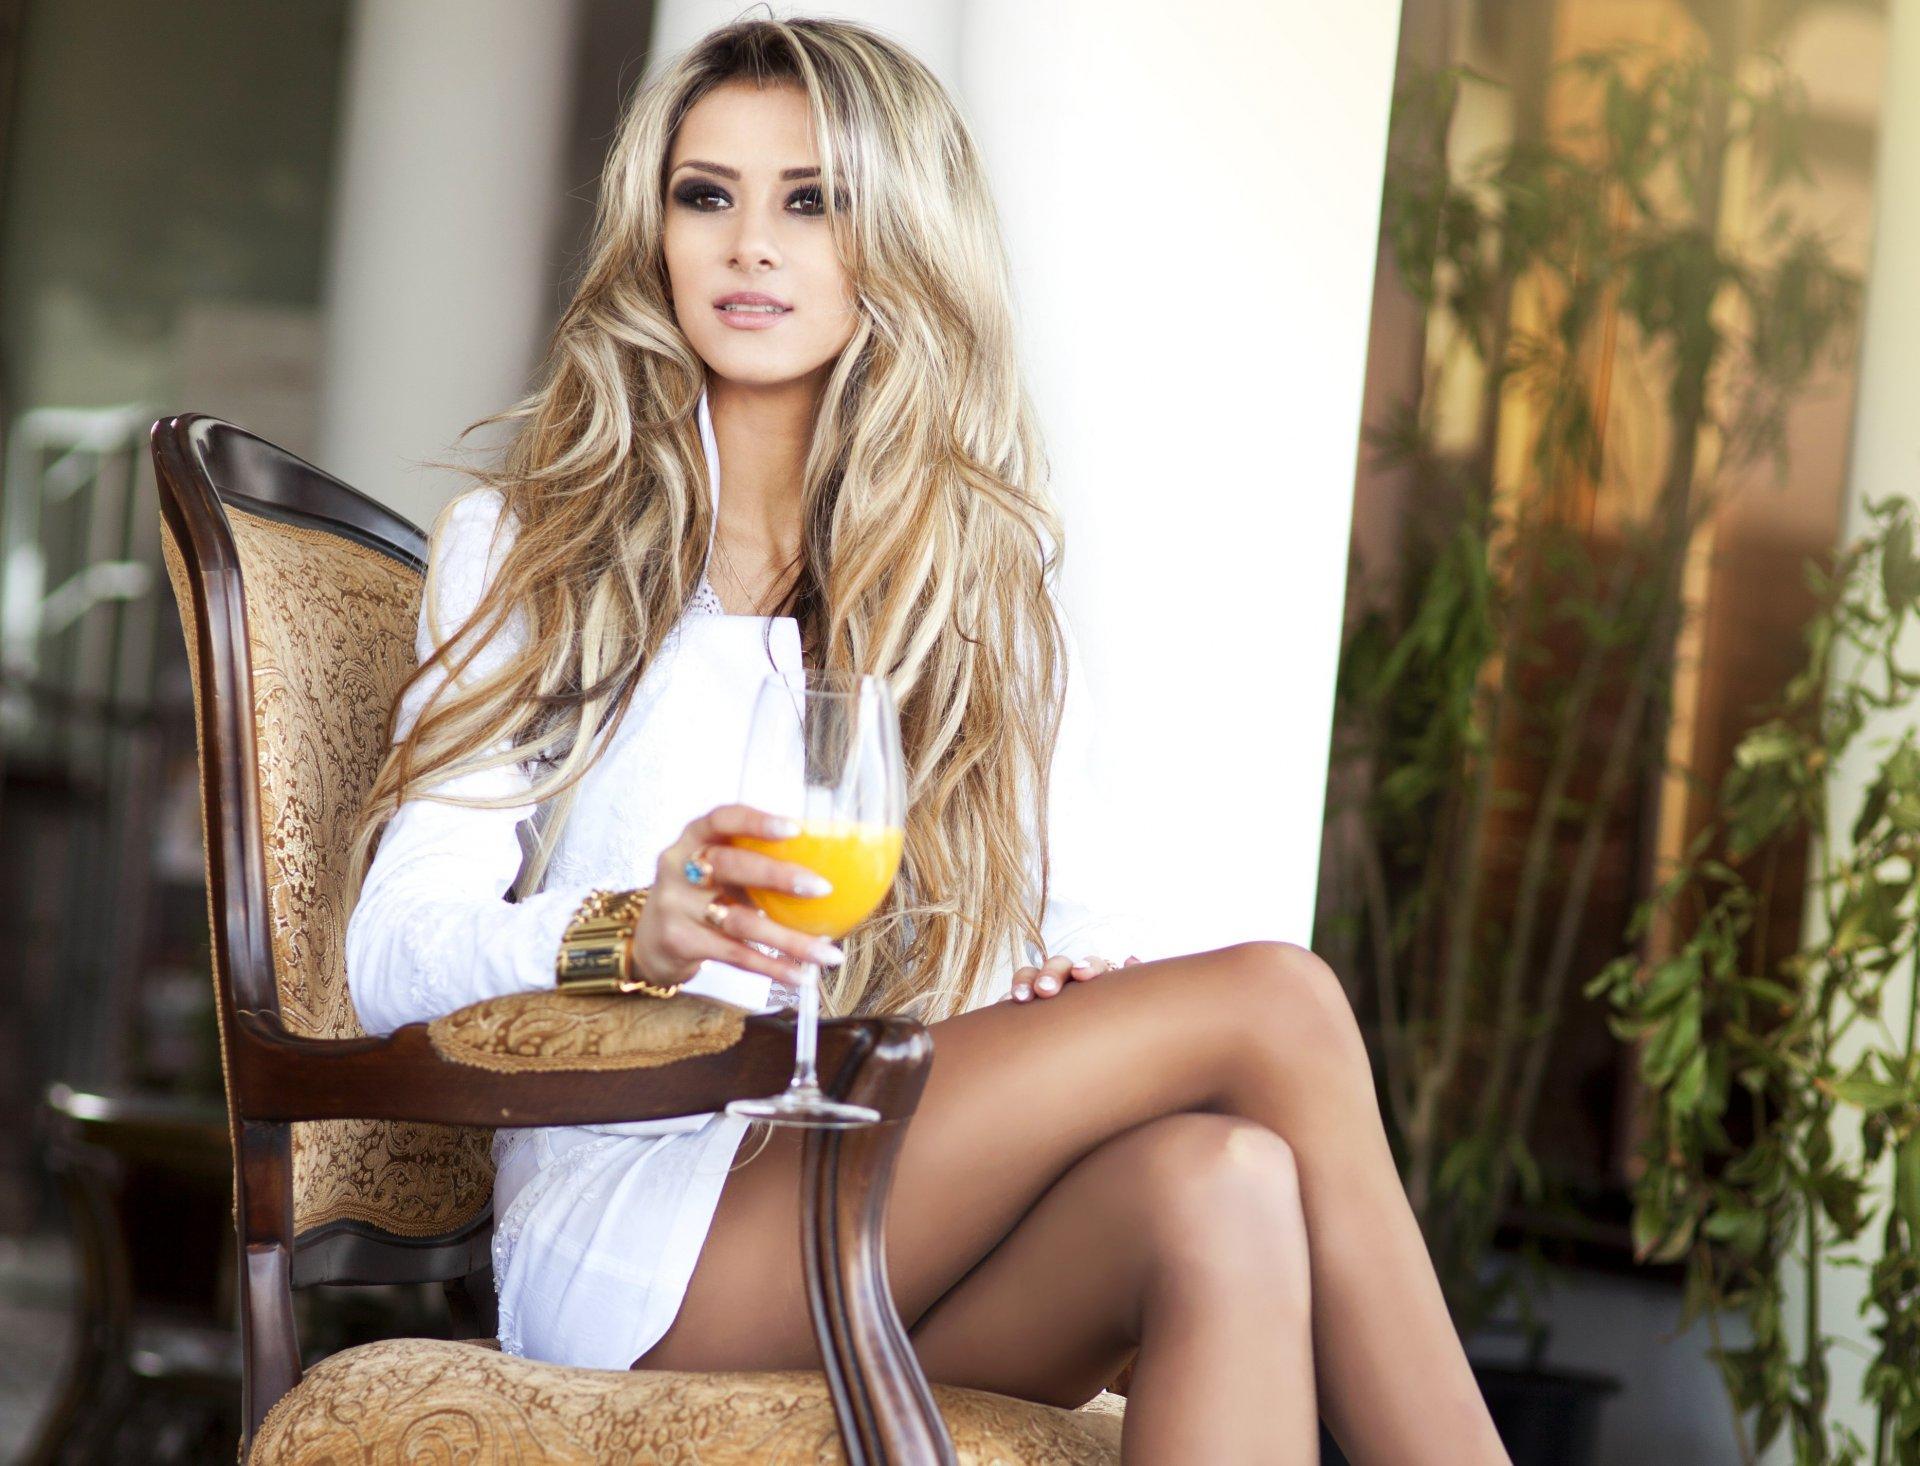 krasivaya-blondinka-v-roskoshnom-dome-bolshaya-chlen-v-mire-foto